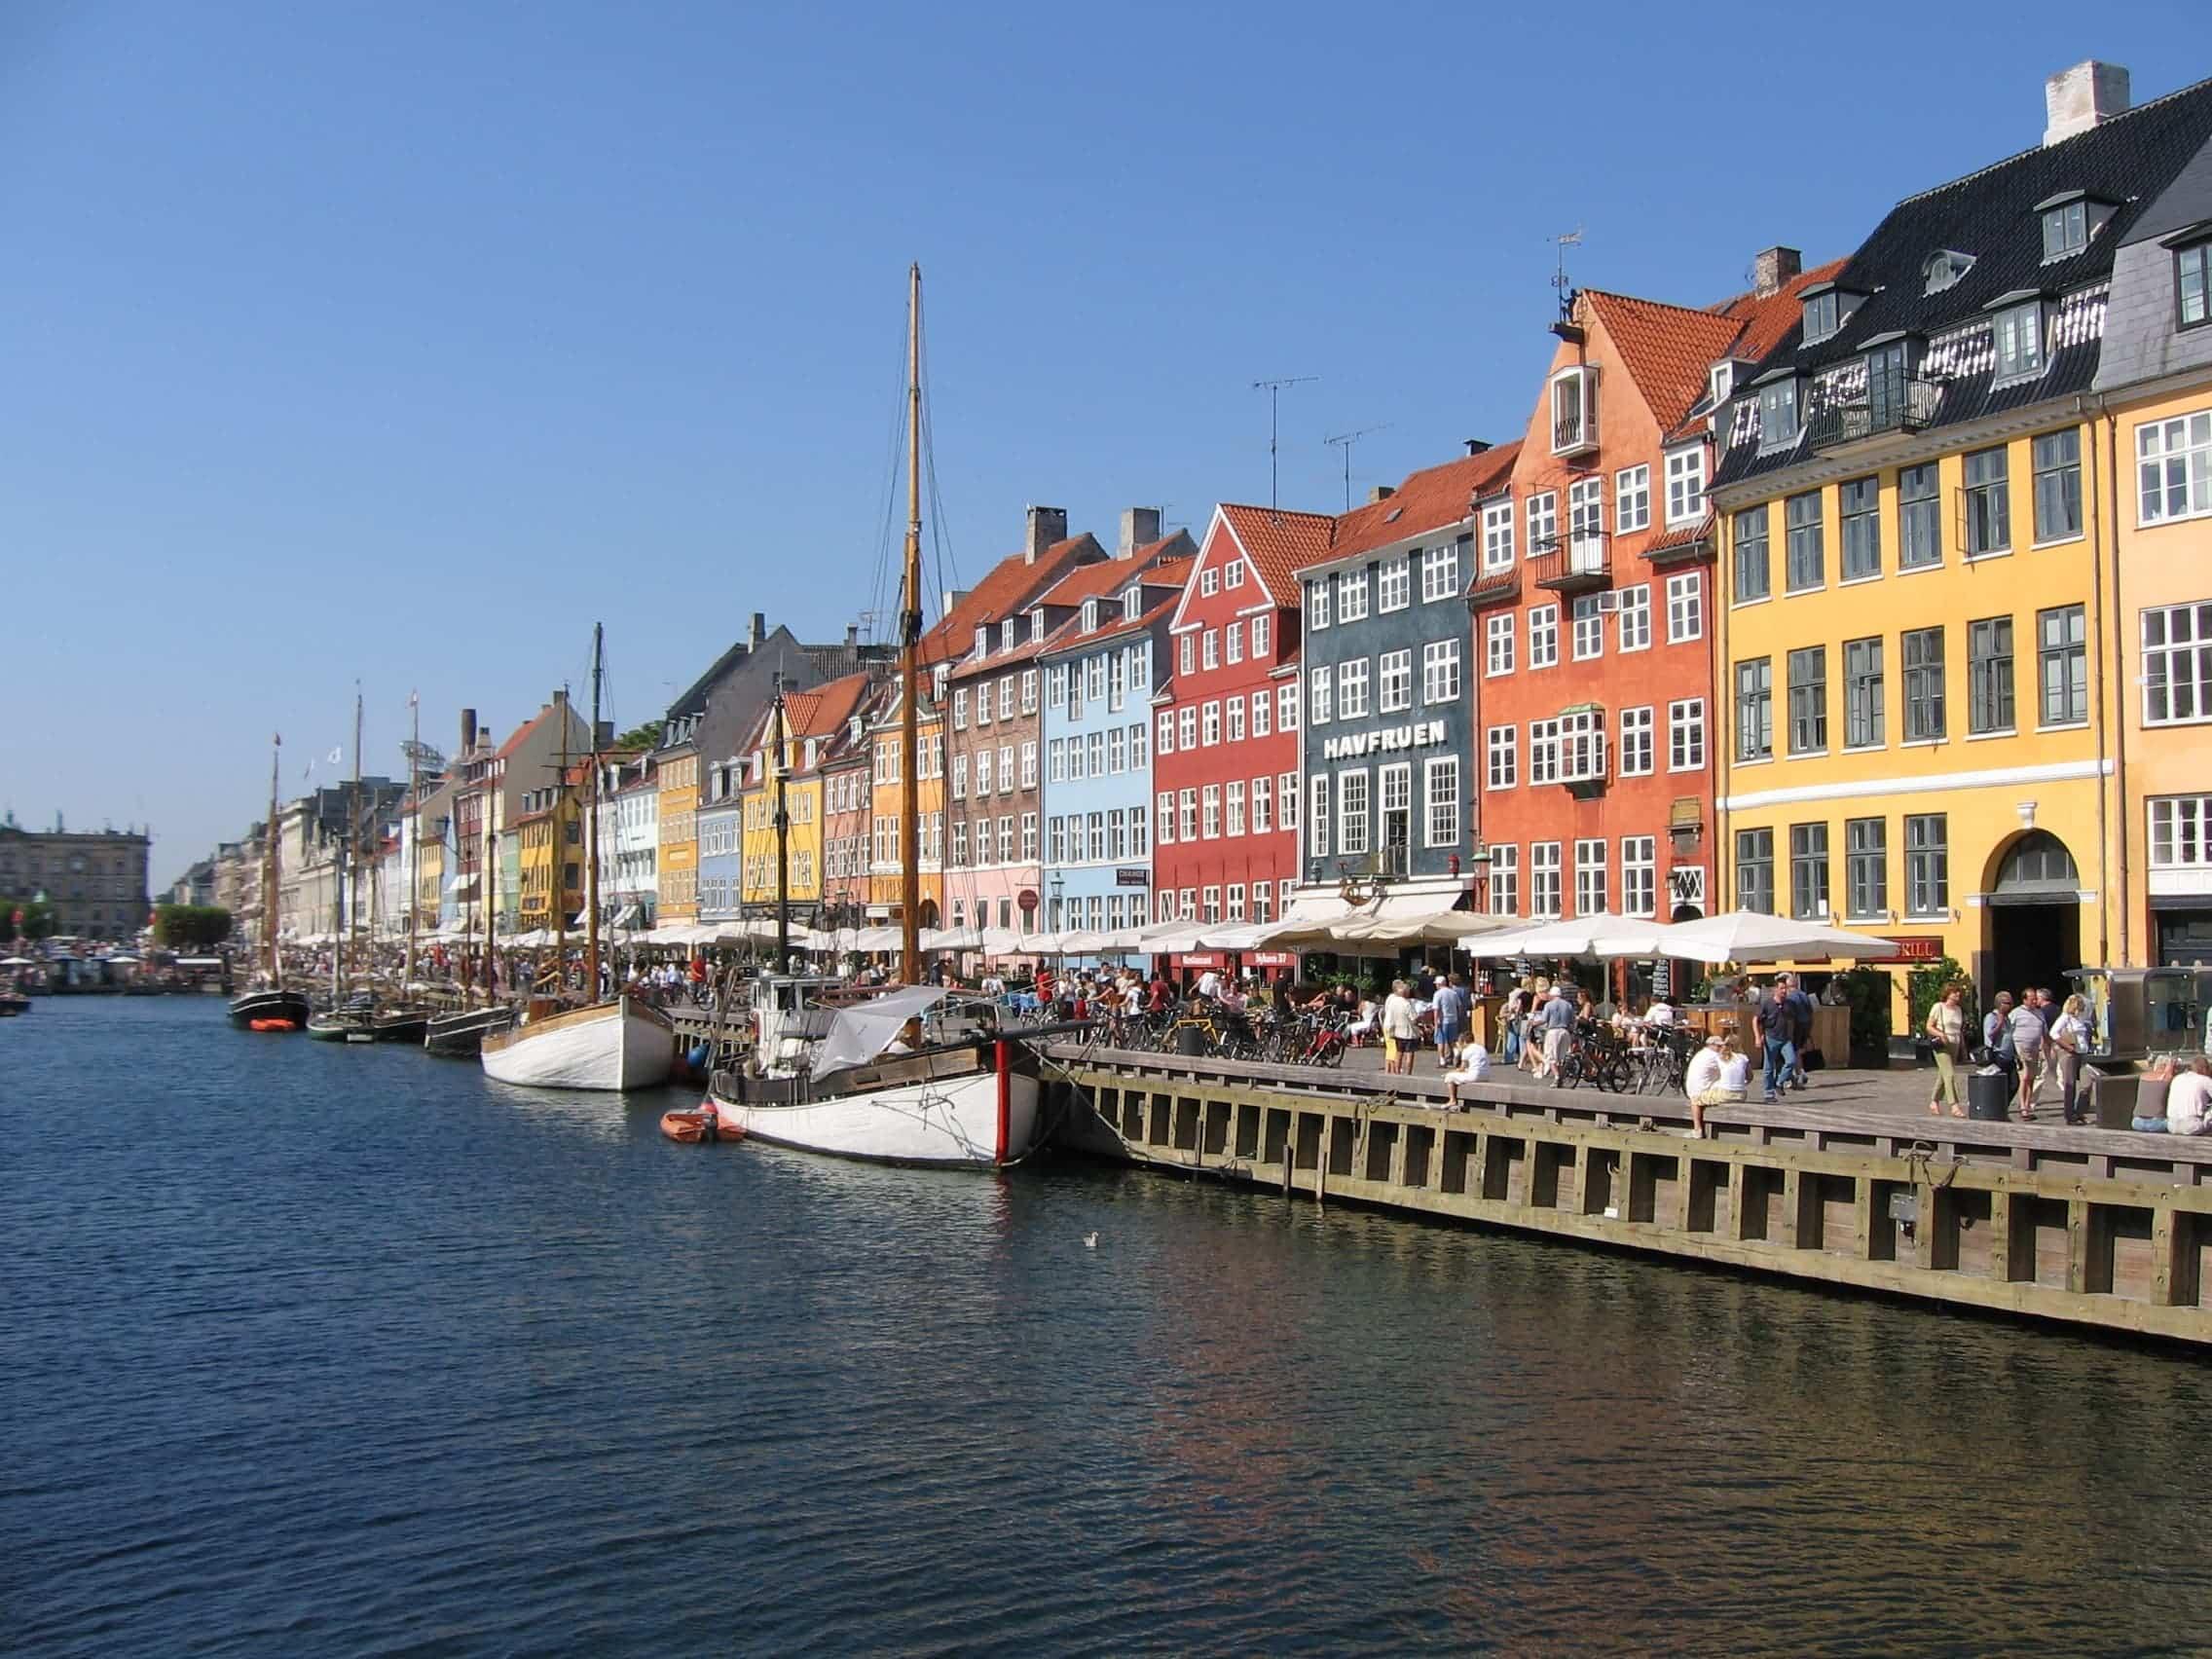 0821d7fc2f0 Hotel i København centrum - Guide til billig overnatning i KBH